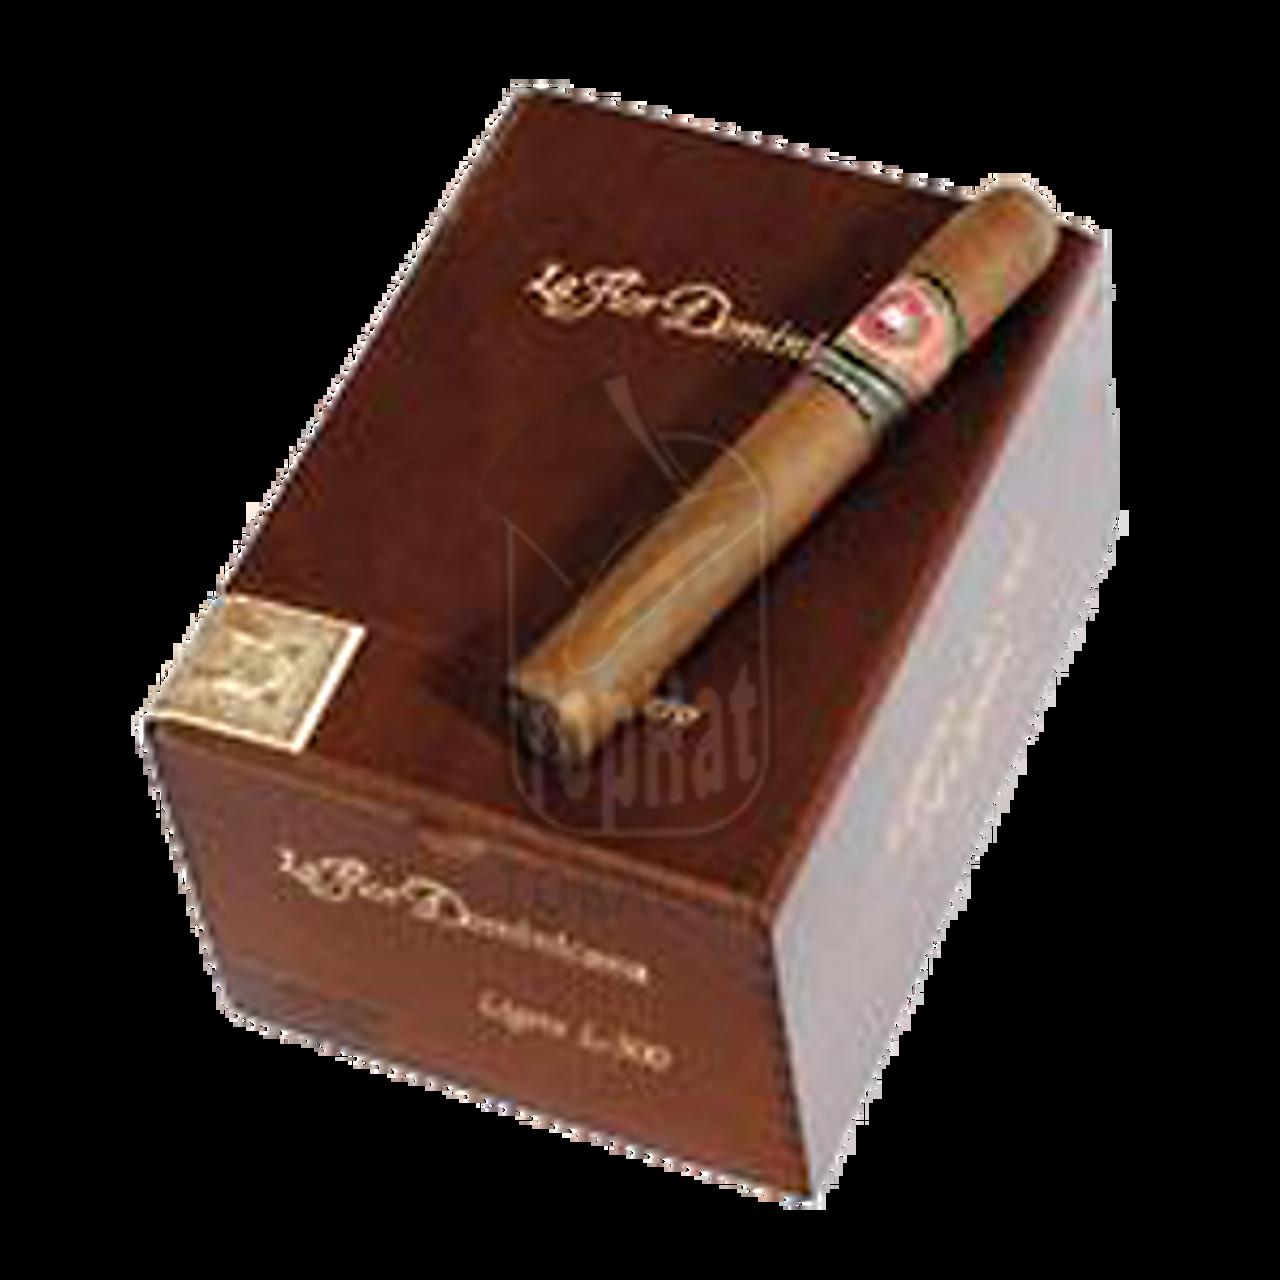 La Flor Dominicana Ligero 300 Cigars - 5 3/4 x 50 (Box of 24)